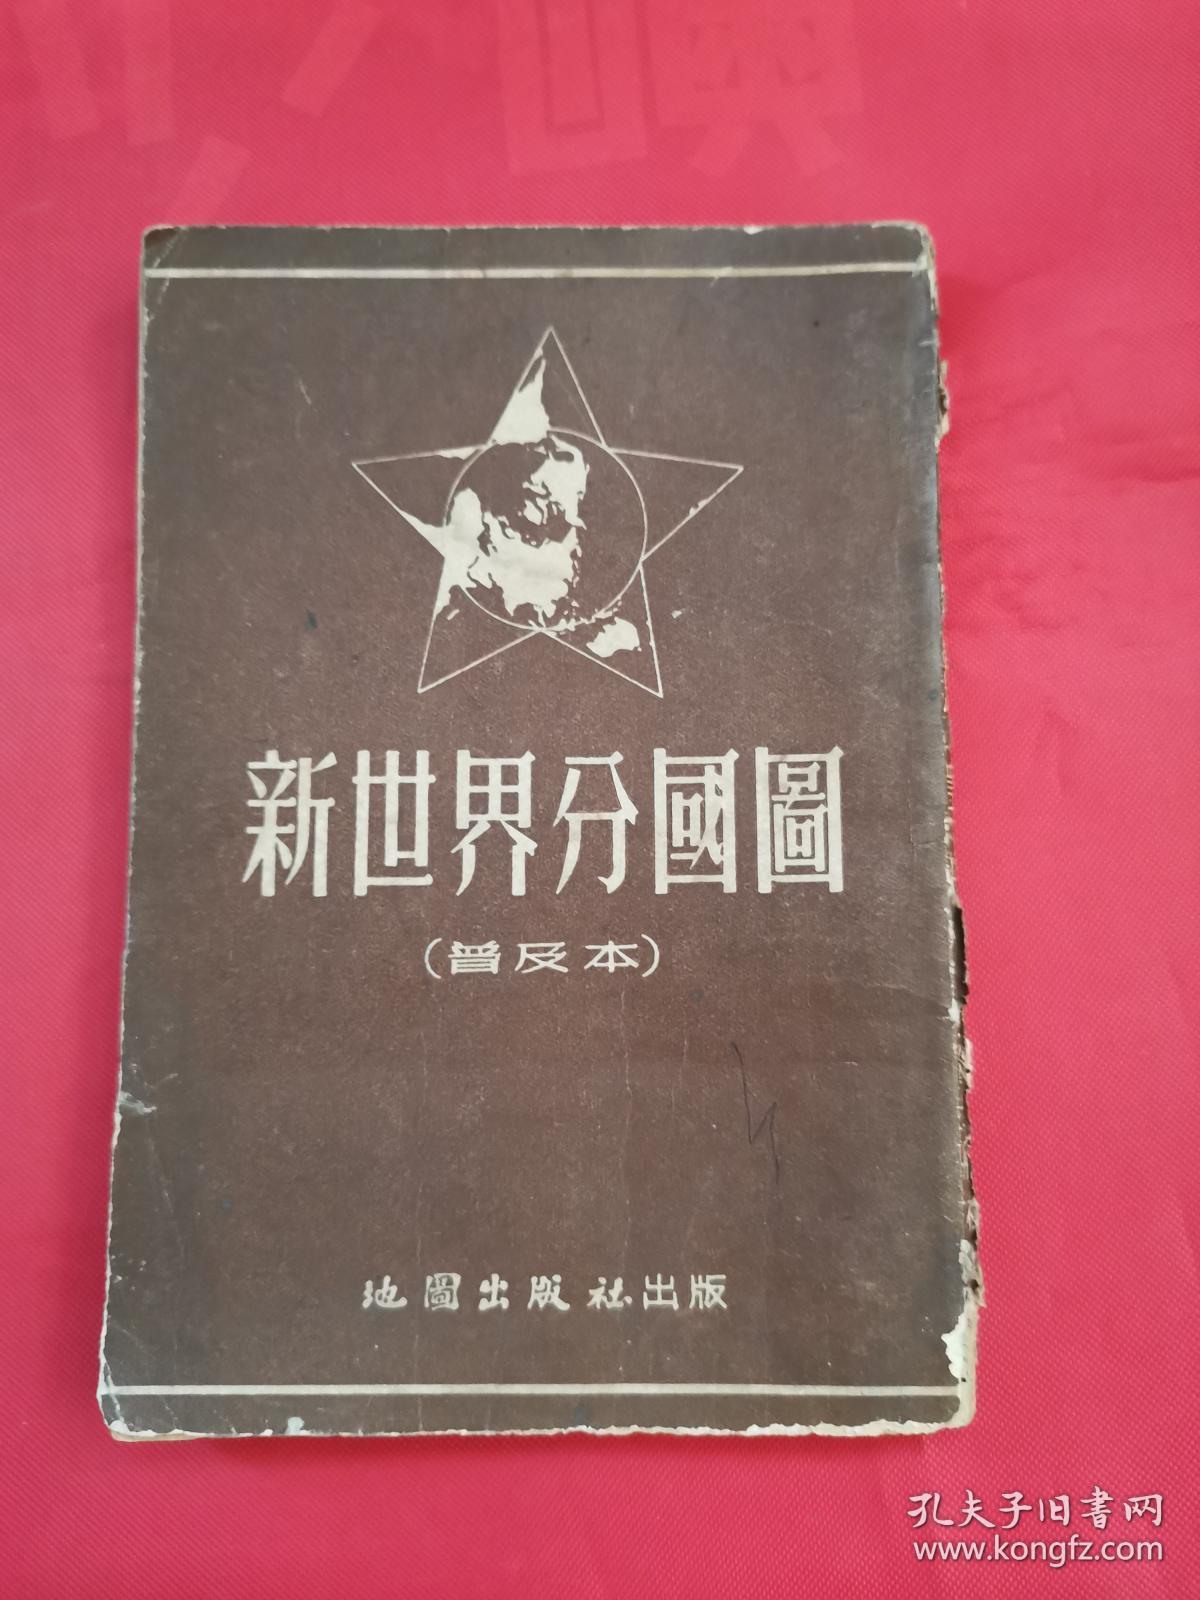 新世界分国图(普及本)1953年版